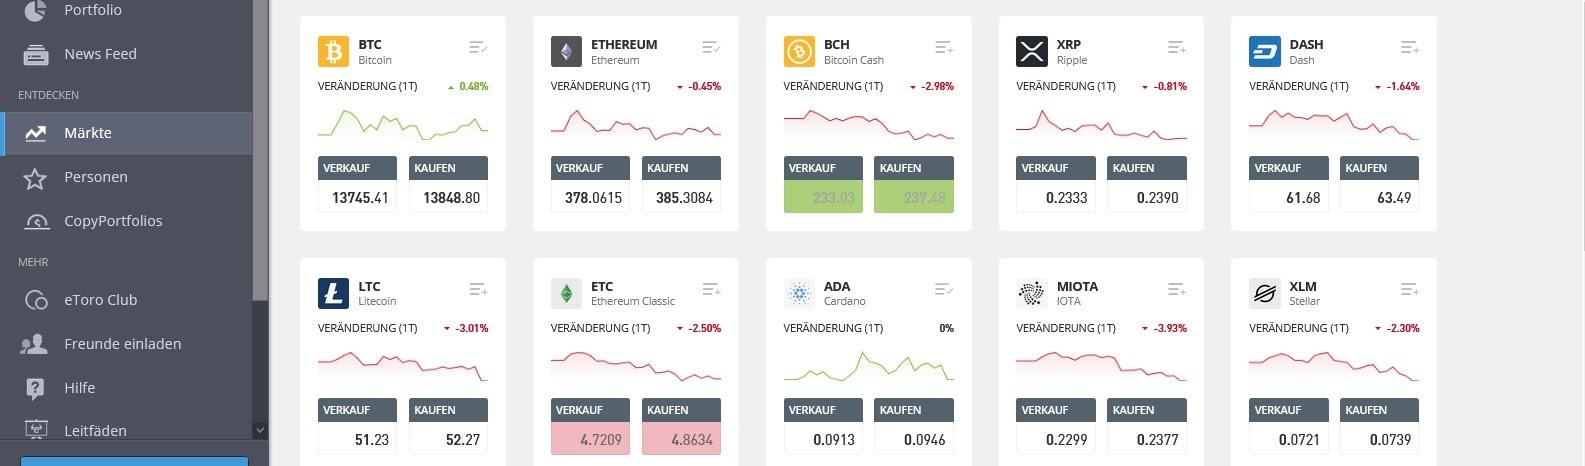 Краткий обзор различных криптовалют и текущих курсов